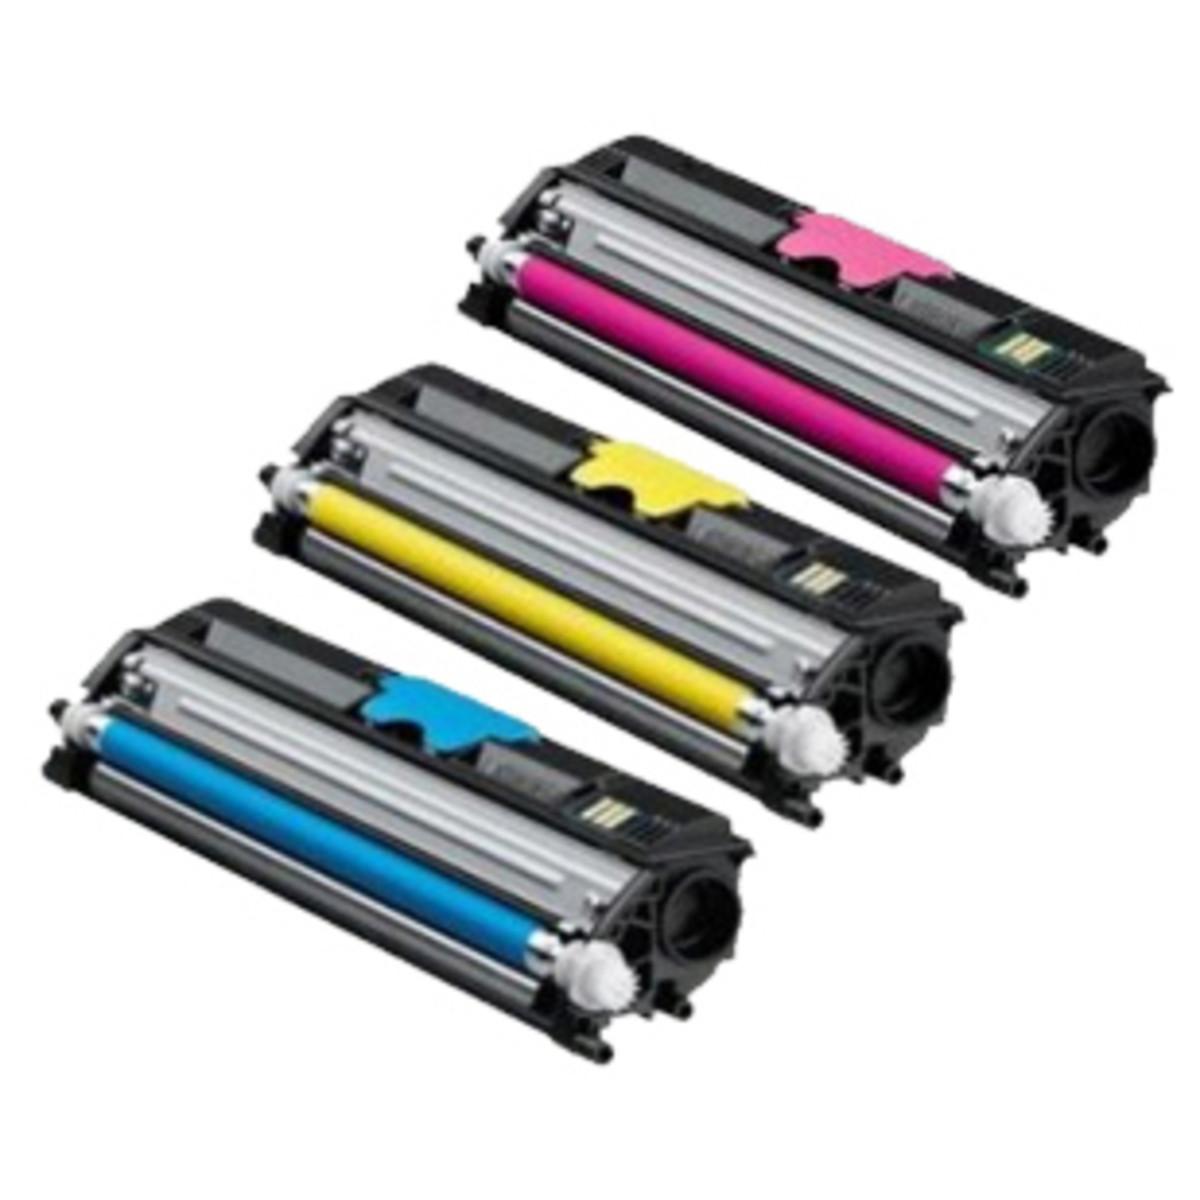 Konica Minolta A0DKJ92 Toner Cartridges - Value Pack